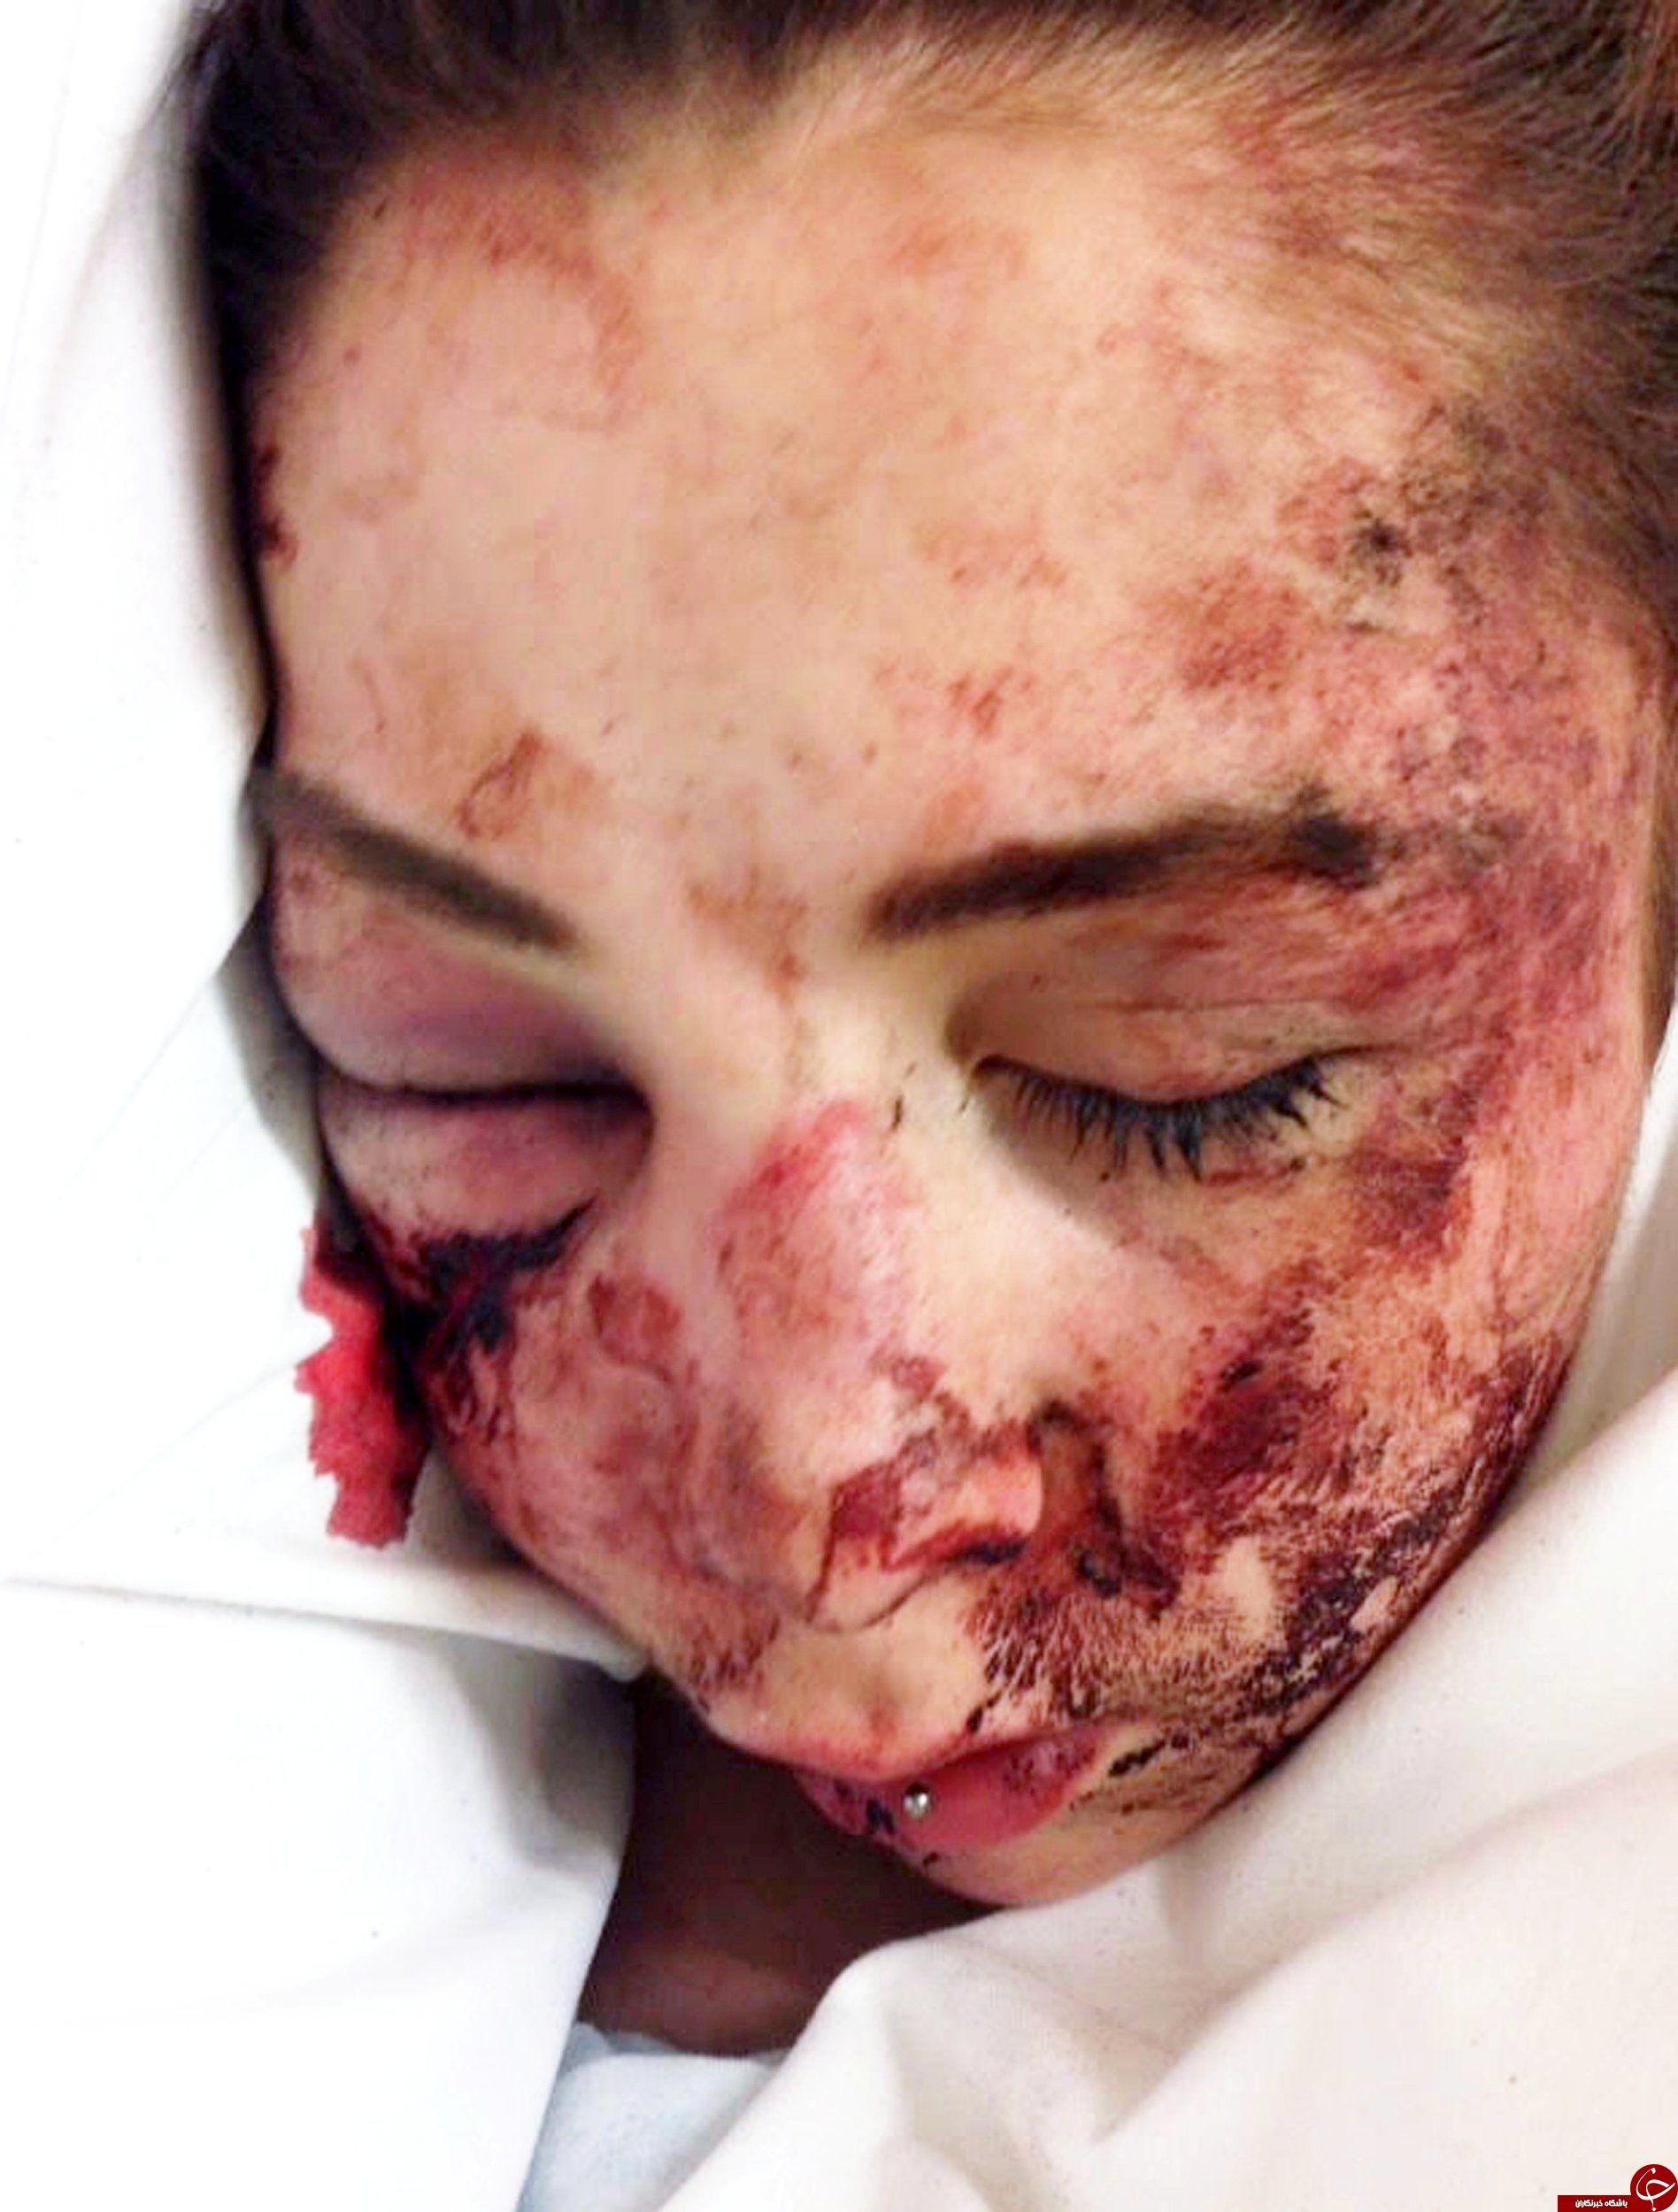 حمله ها و سرقتهای خیابانی باز هم قربانی گرفت +تصاویر(+18)